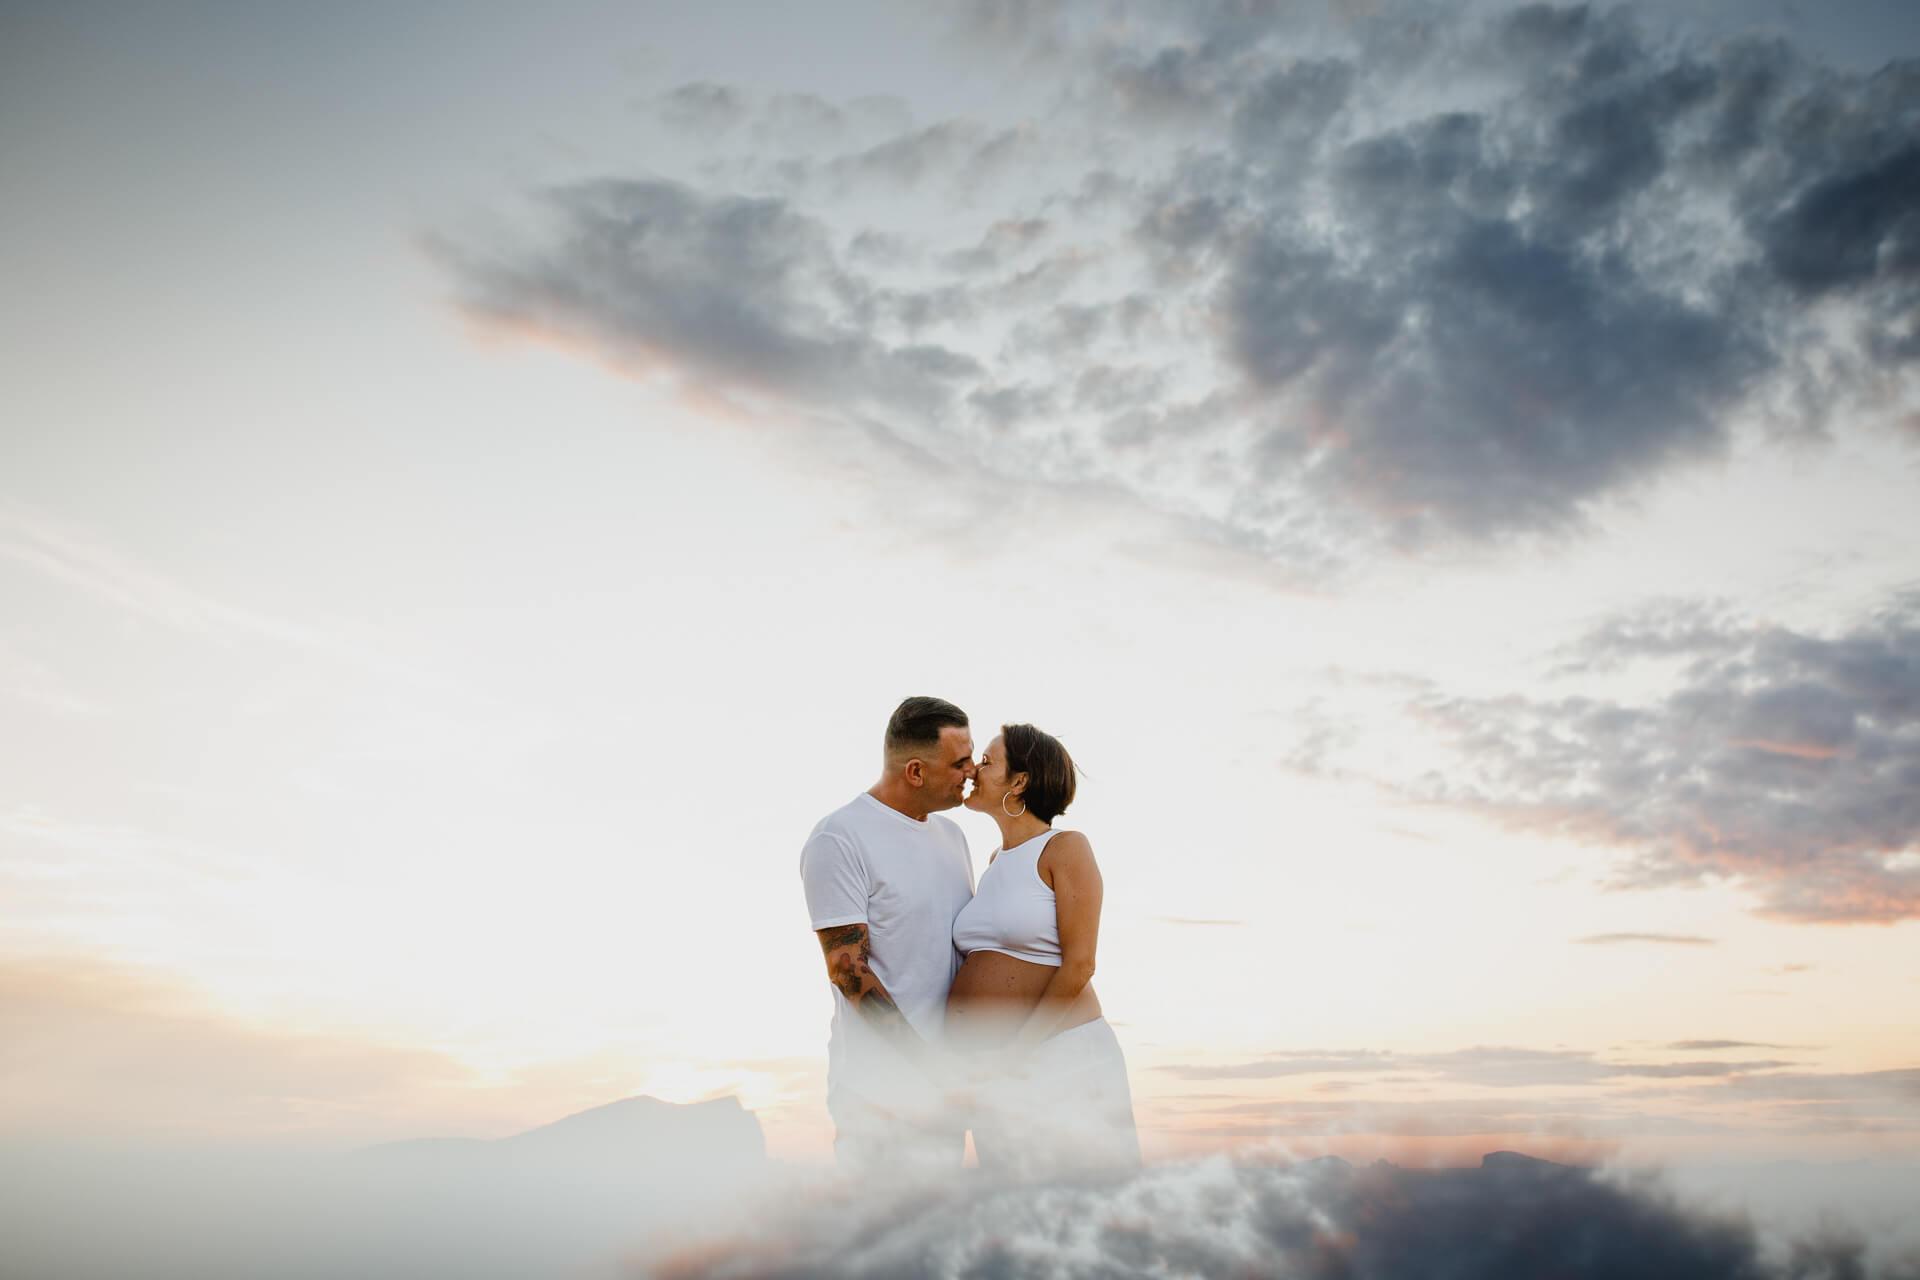 Sesion fotográfica de embarazadas en Ibiza: un increíble recuerdo